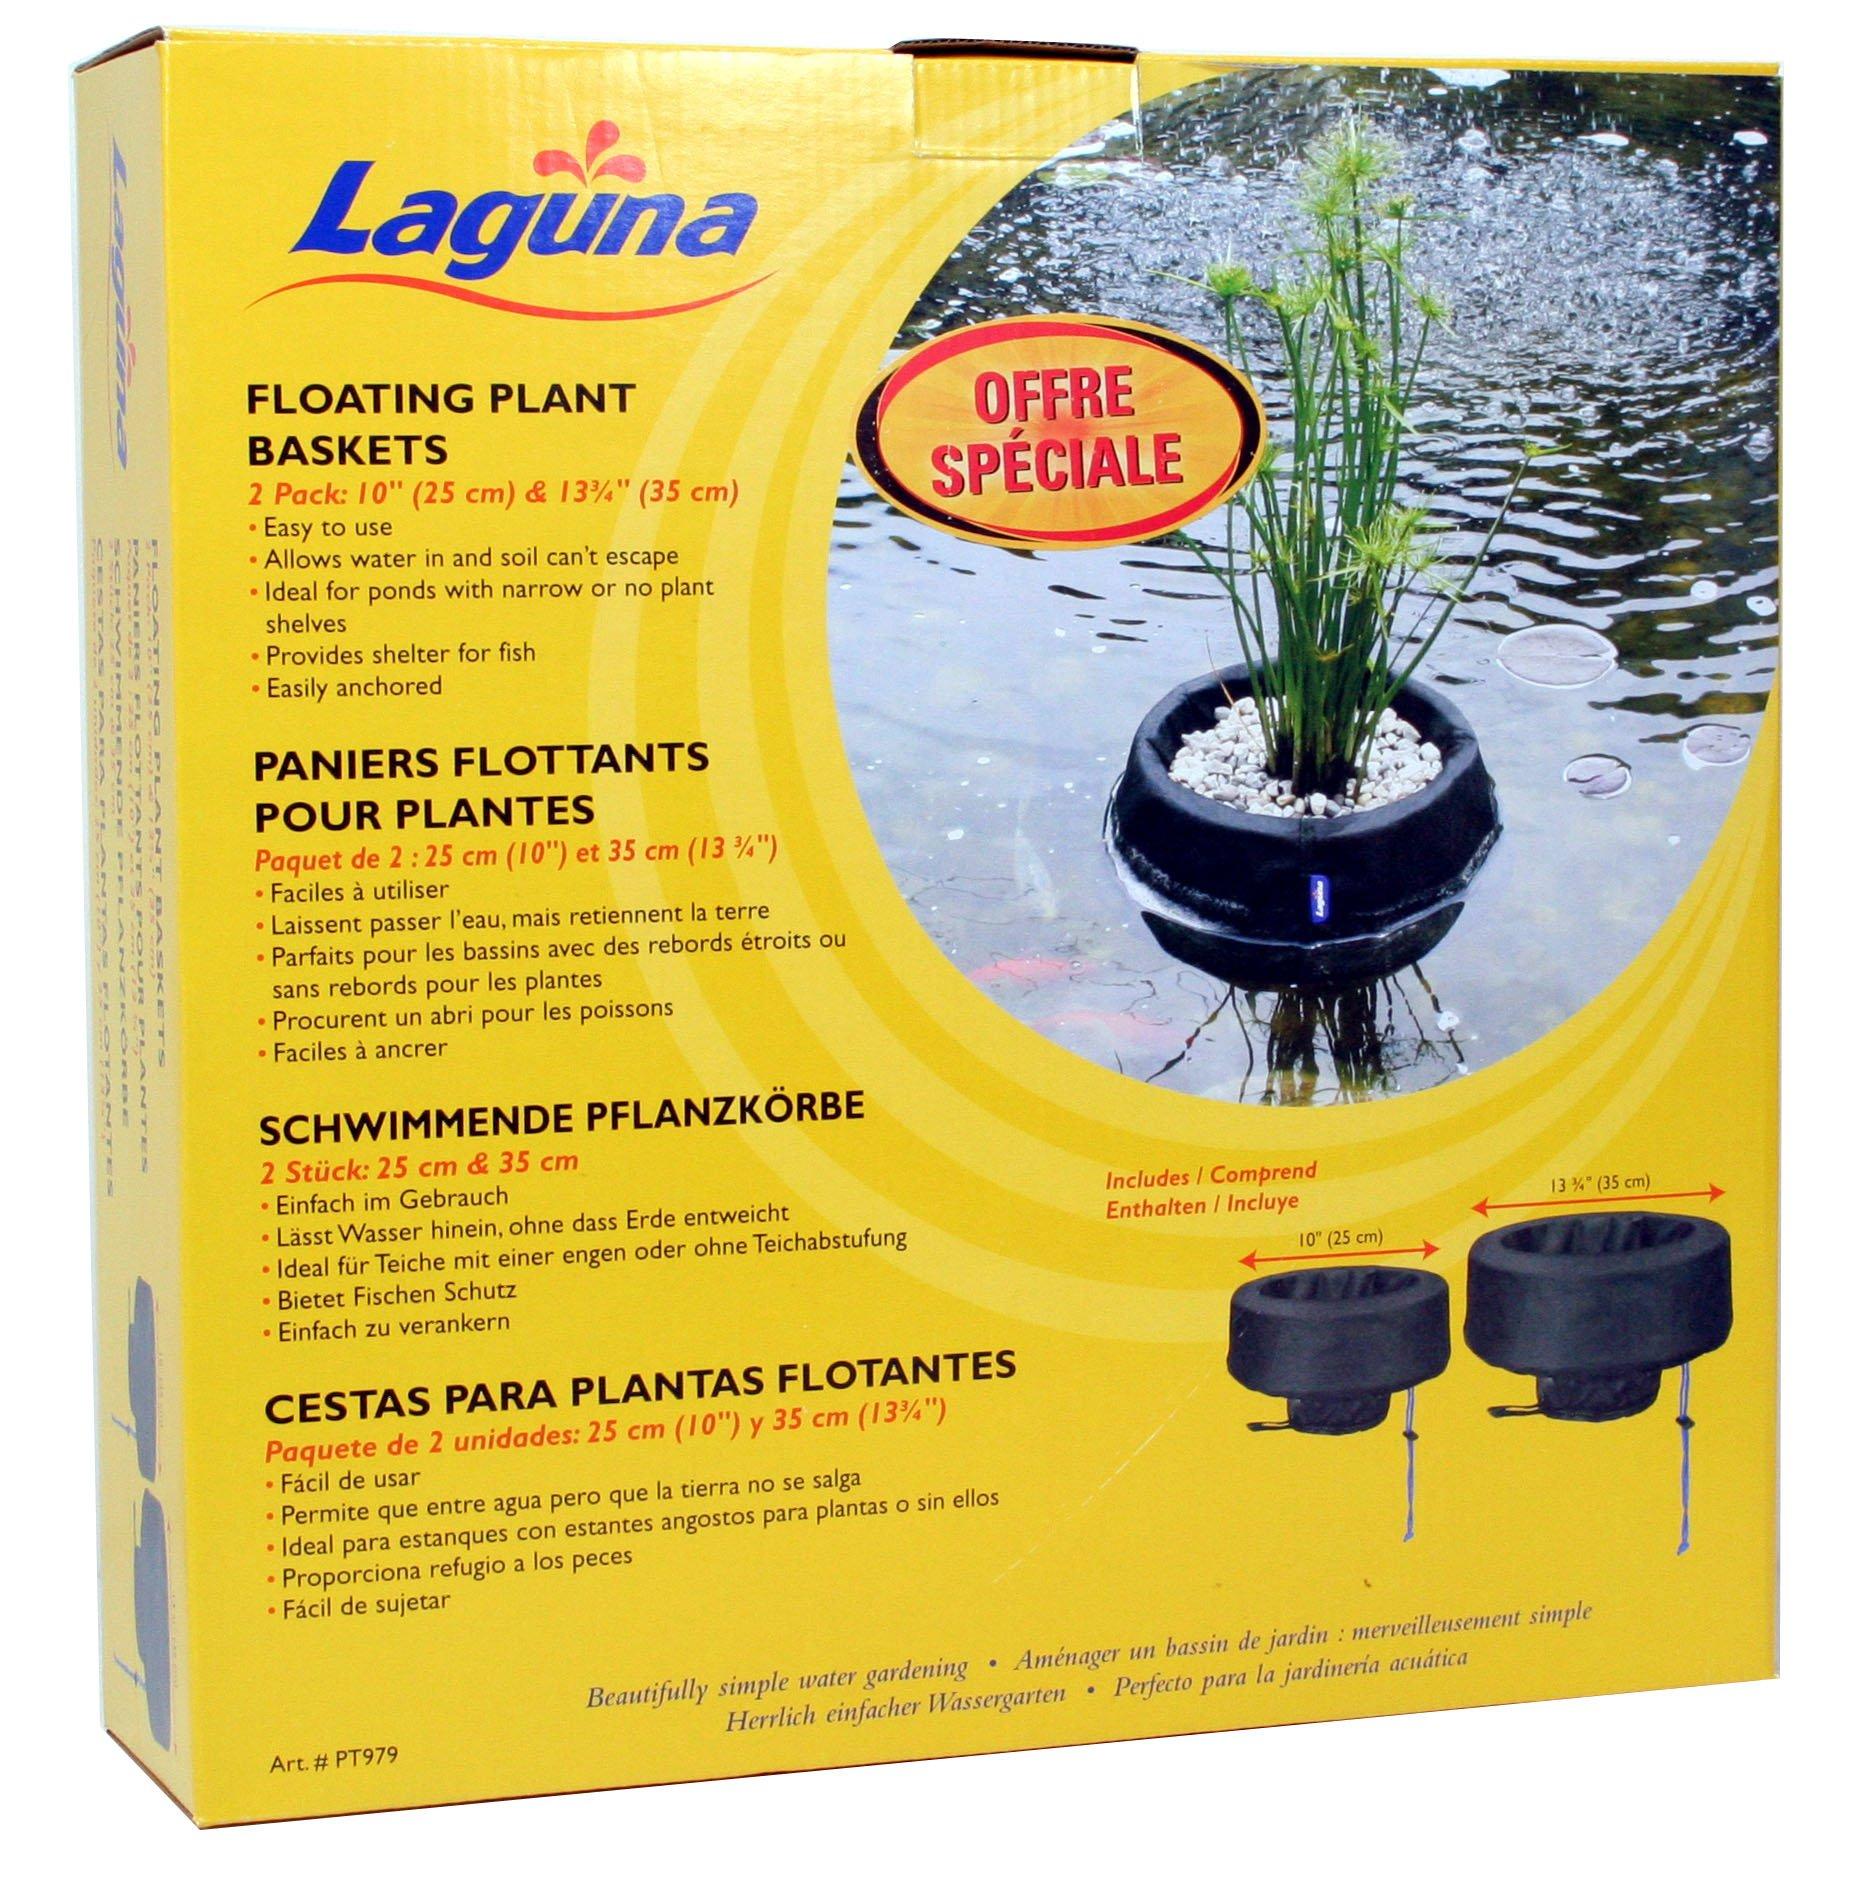 Laguna Woven Fabric Floating Plant Basket Kit